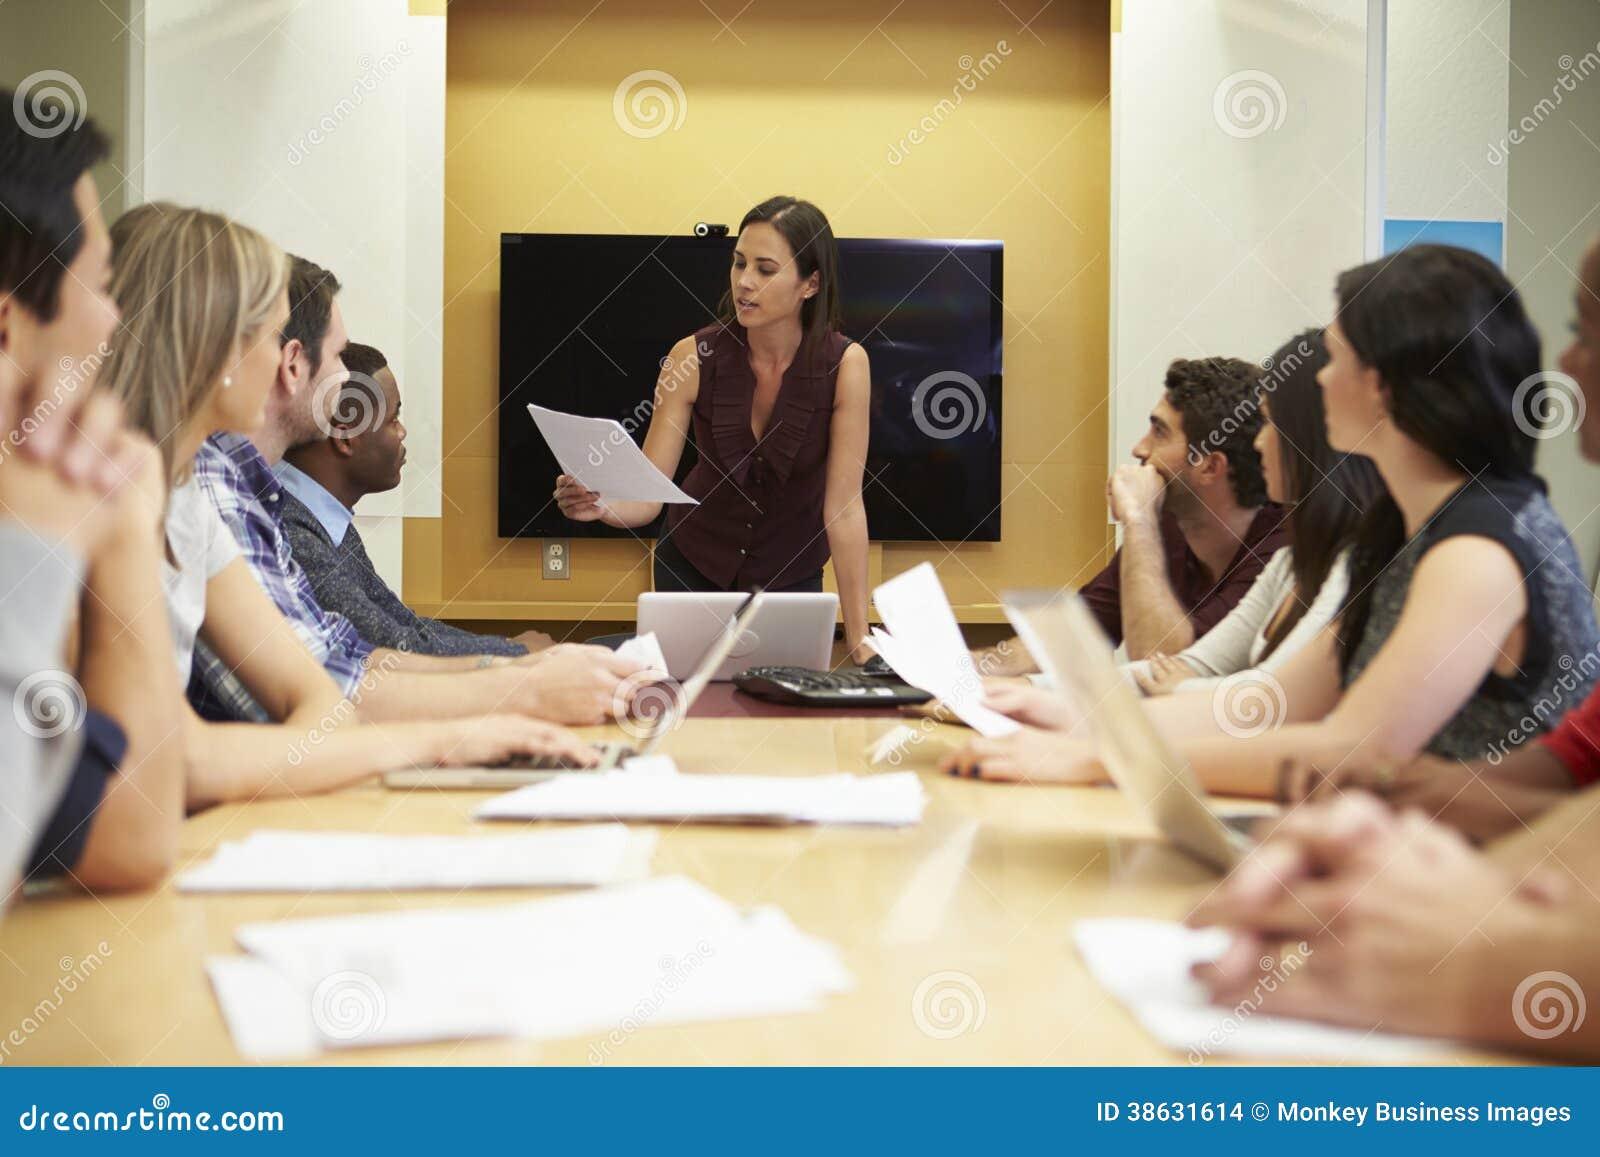 Weibliche Chef-Addressing Meeting Around-Sitzungssaal-Tabelle